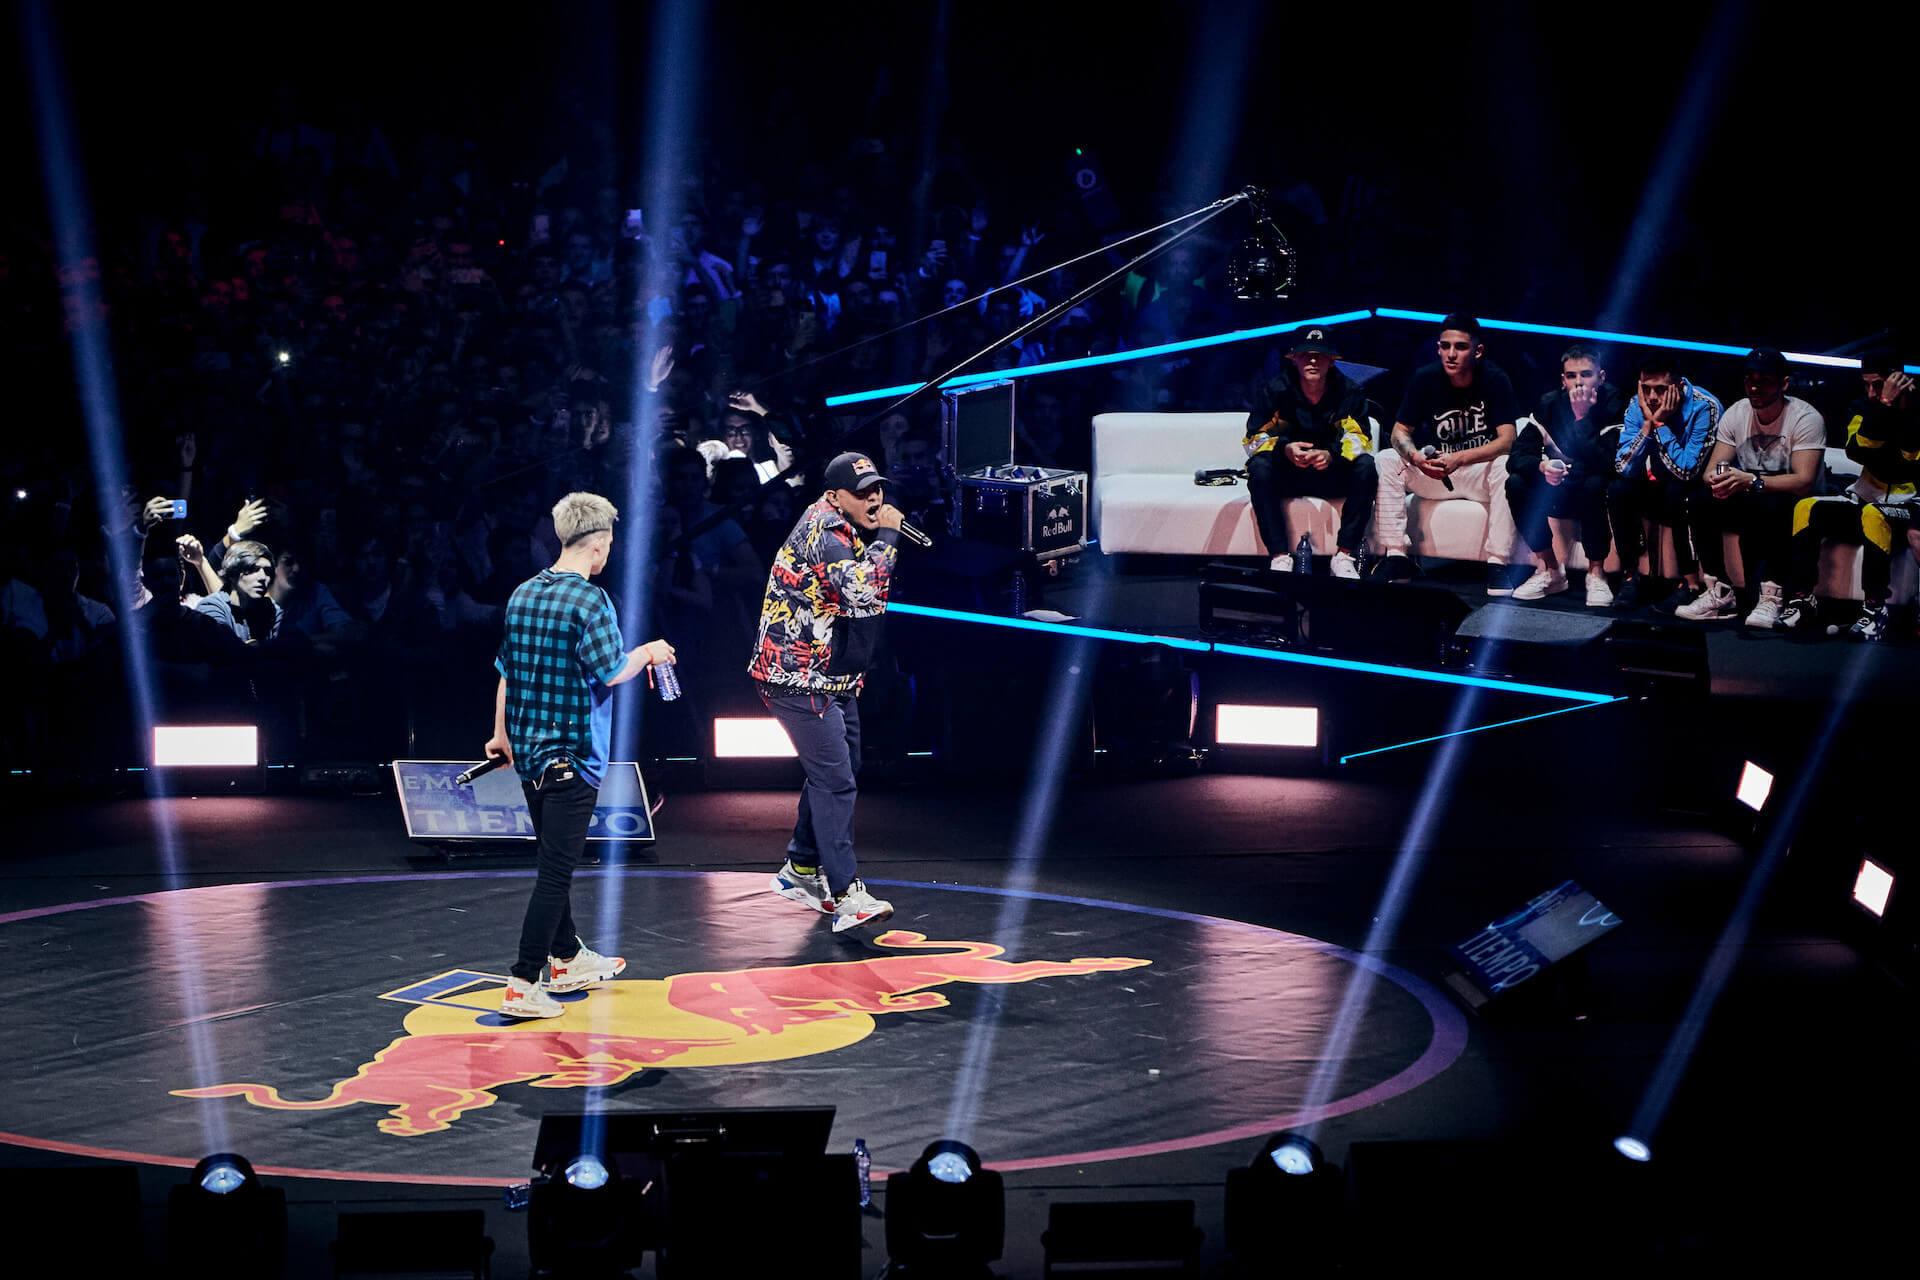 レッドブル主催のフリースタイル・ラップバトルが日本上陸!ラップスキルを磨ける公式アプリ「Red Bull 韻 DA HOUSE」がローンチ music210518_redbull-210518_7